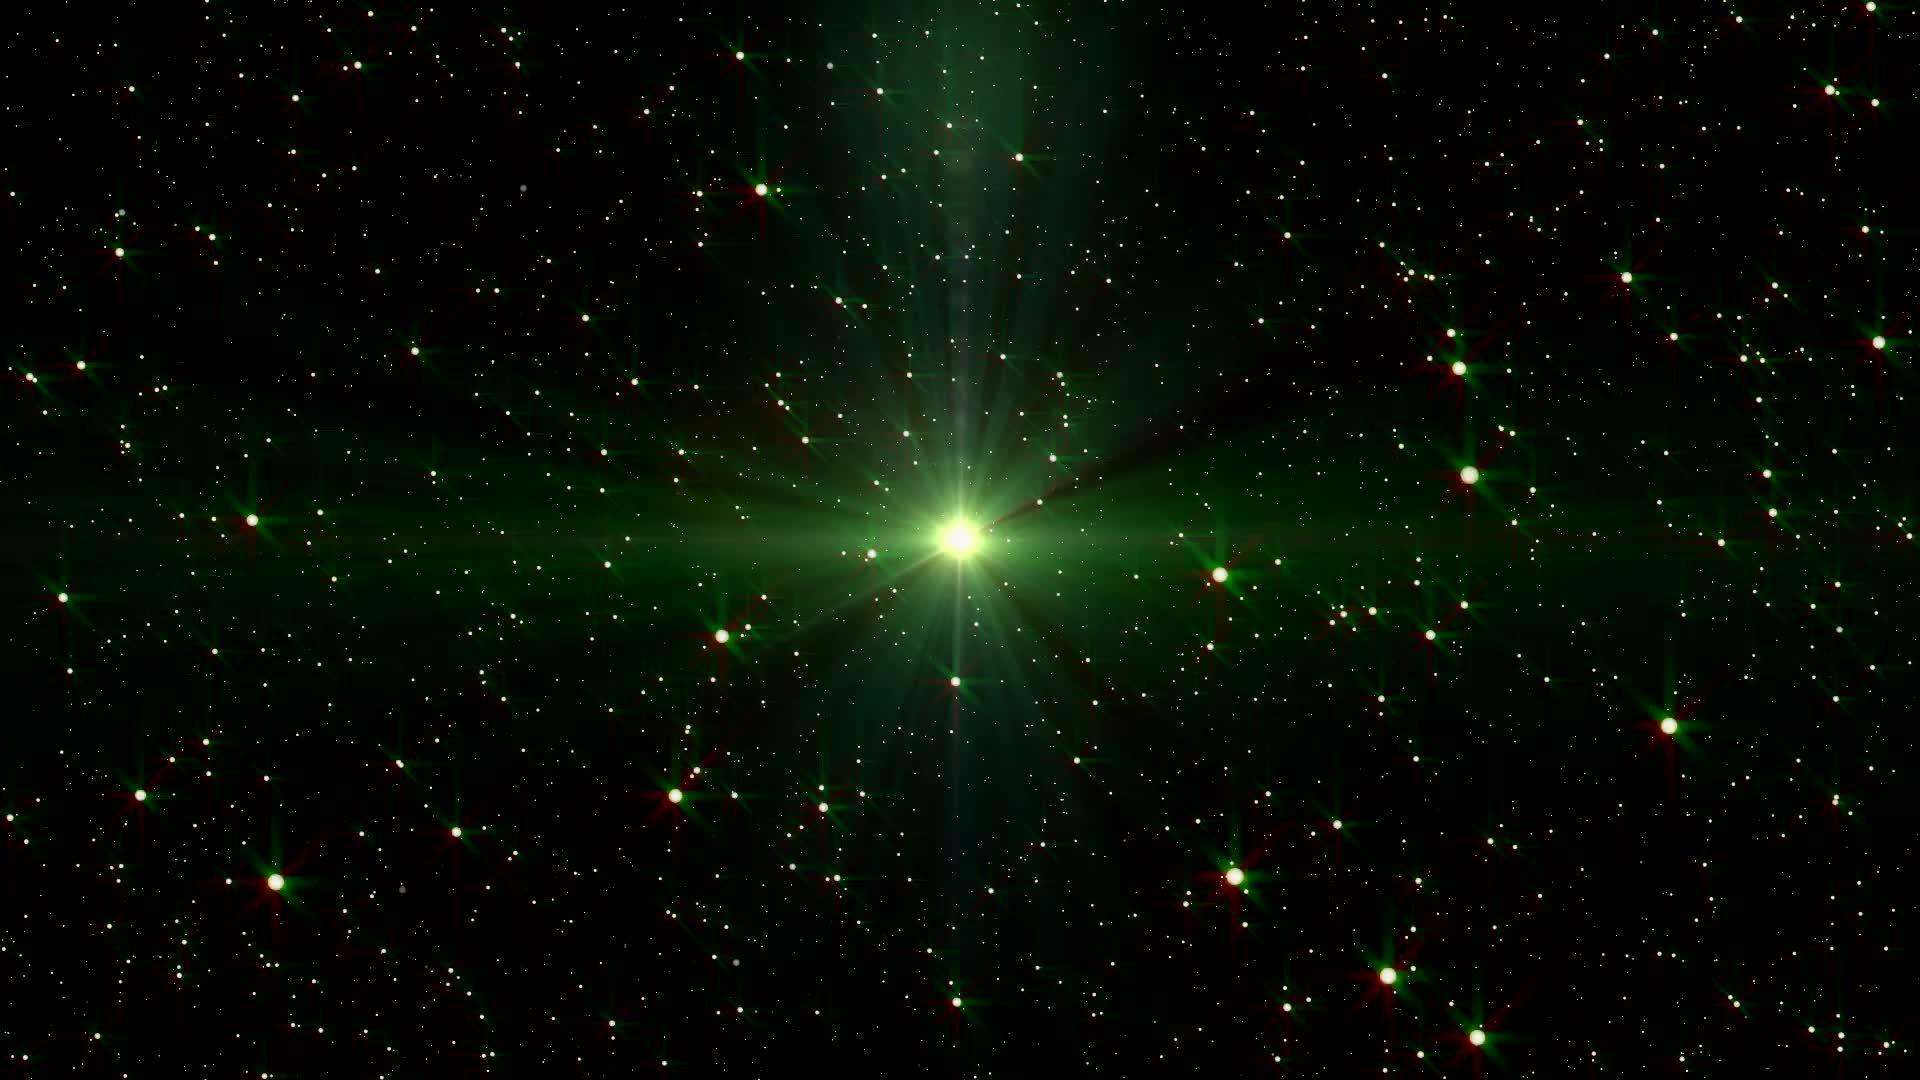 Движение частиц навстречу - живые обои